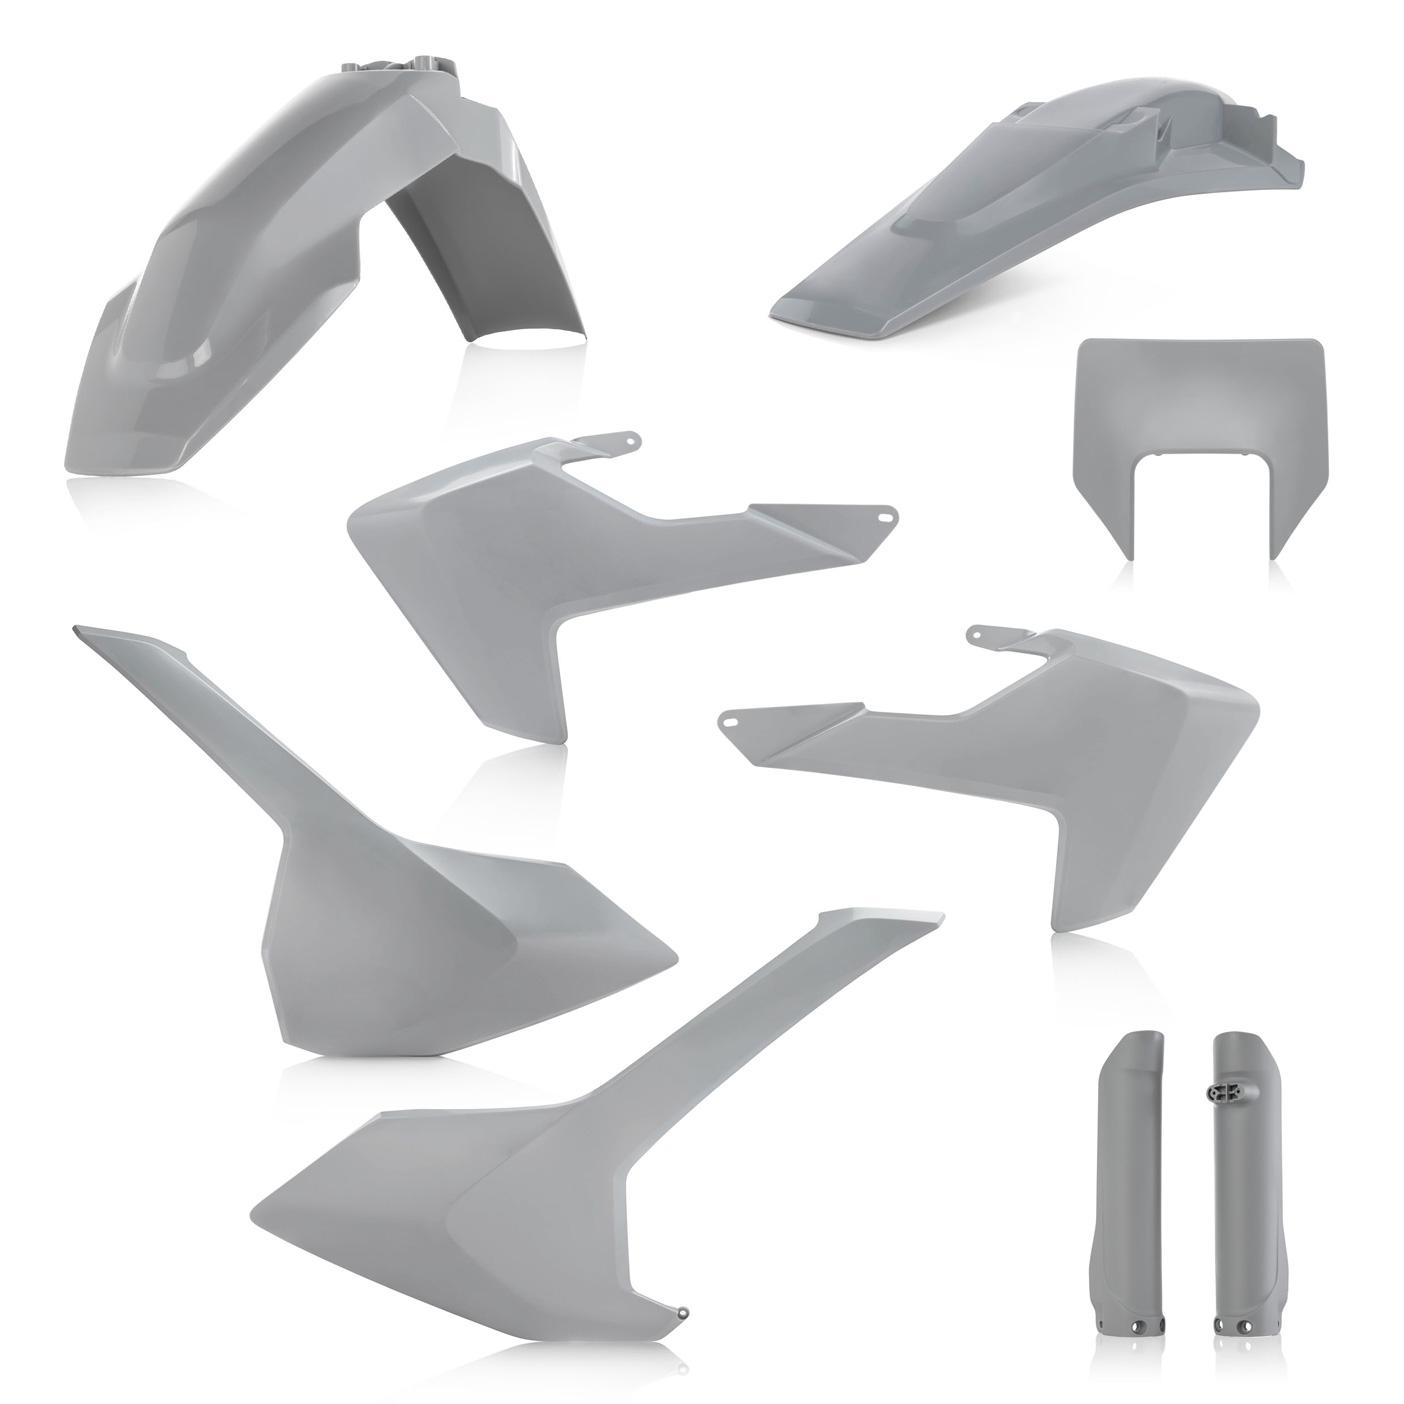 Plastikteile für deine Husqvarna FE und TE in grau, bestehend aus Frontkotflügel, Heckkotflügel, Tankspoiler, Seitenteilen, Lampenmaske und Gabelschoner